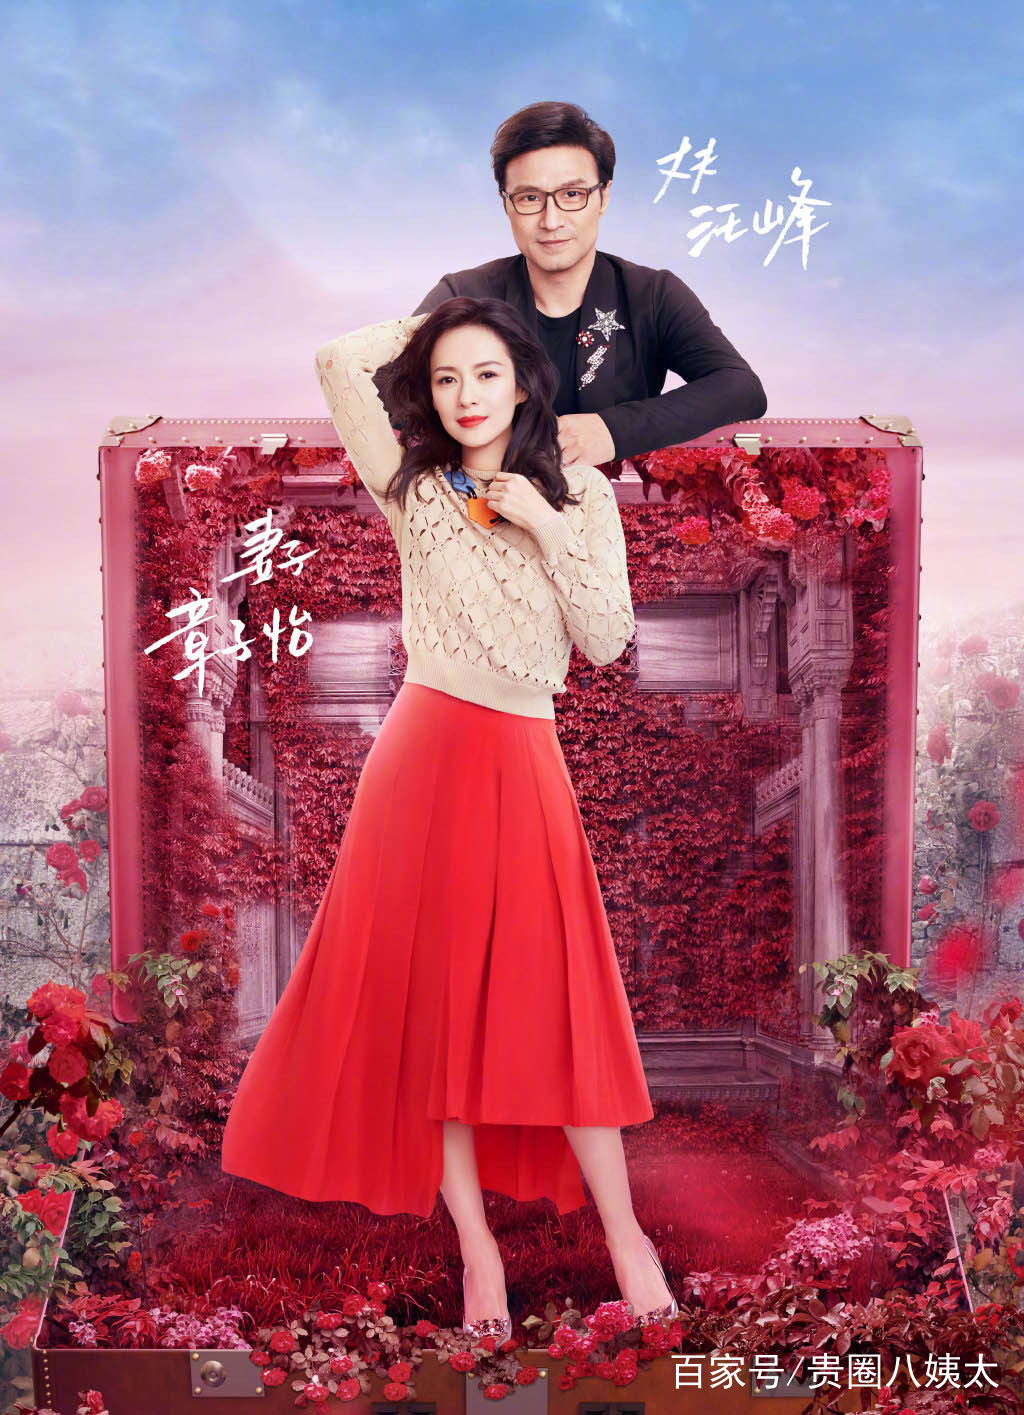 """和汪峰两人的爱情能够天长地久,在未来的生活中章子怡能够更加有""""妻子"""